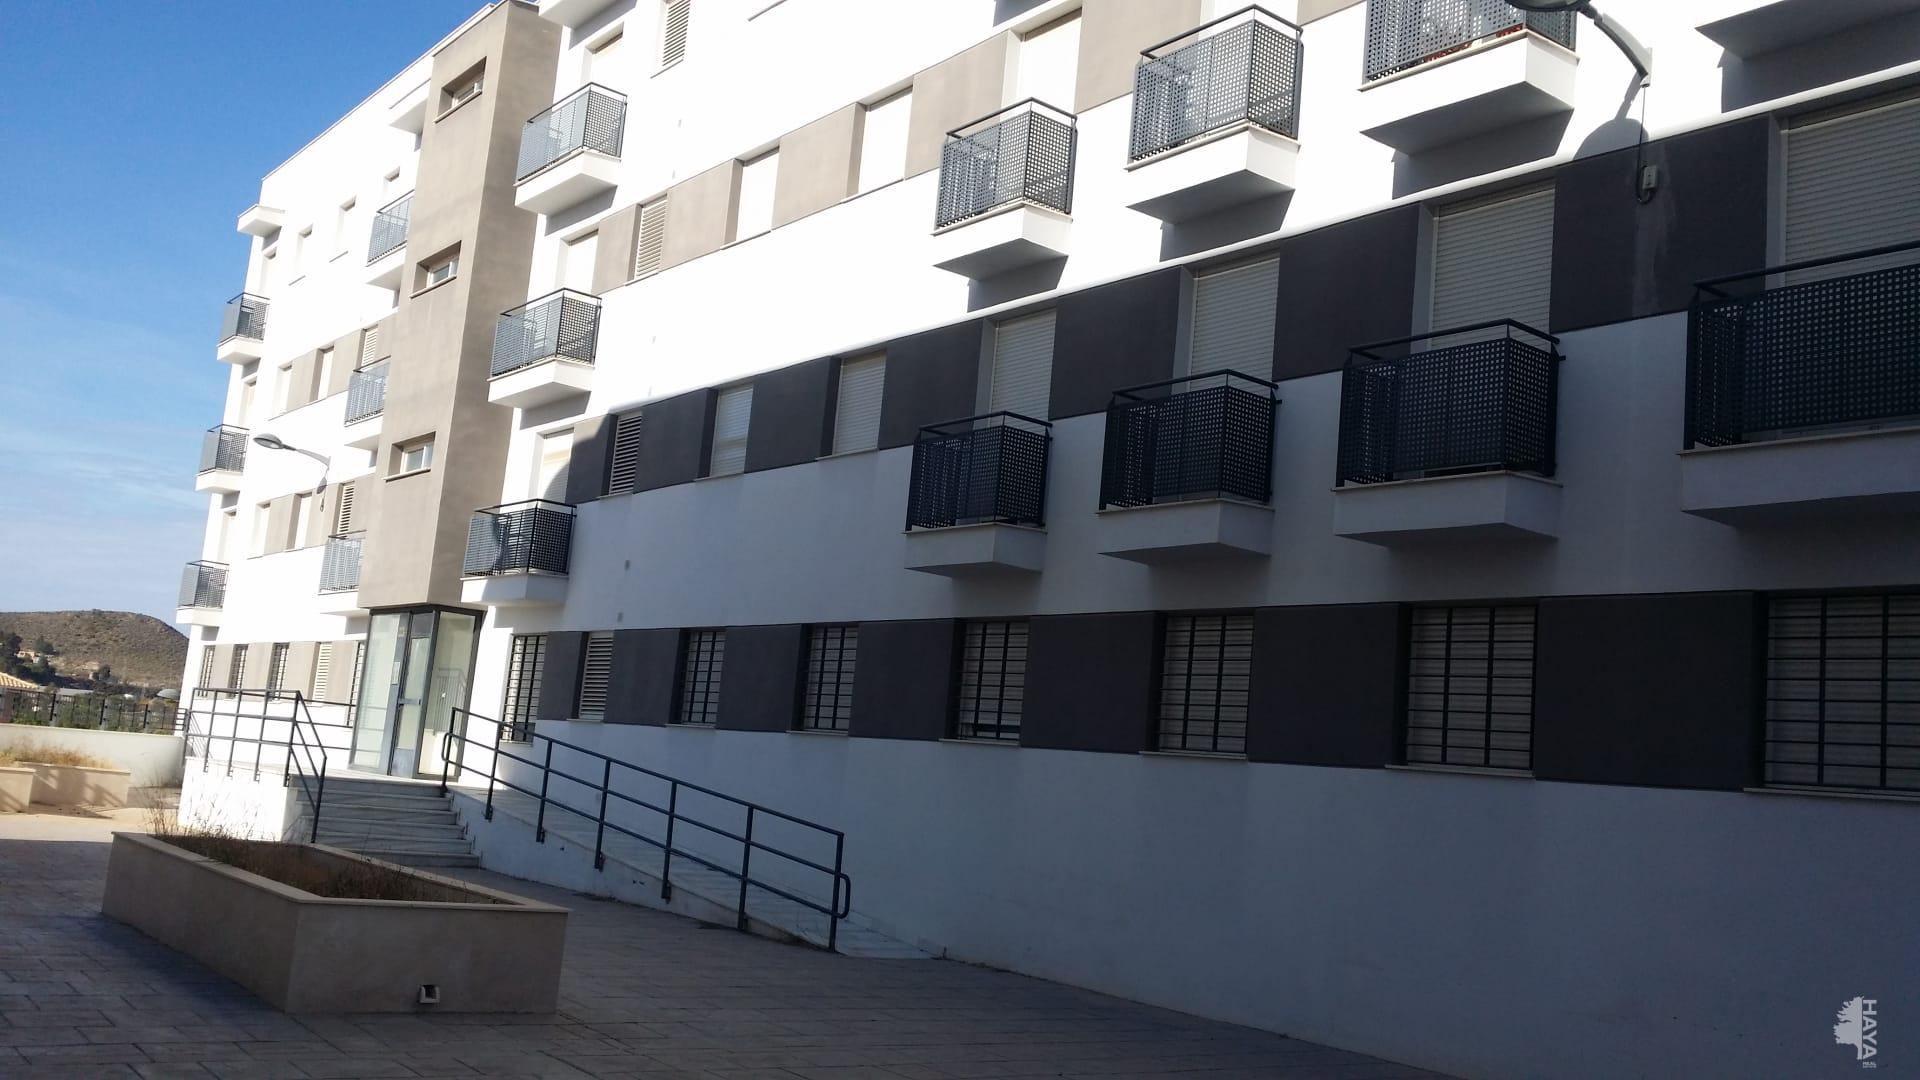 Piso en venta en Olula del Río, Almería, Calle Alta, 67.100 €, 3 habitaciones, 1 baño, 94 m2